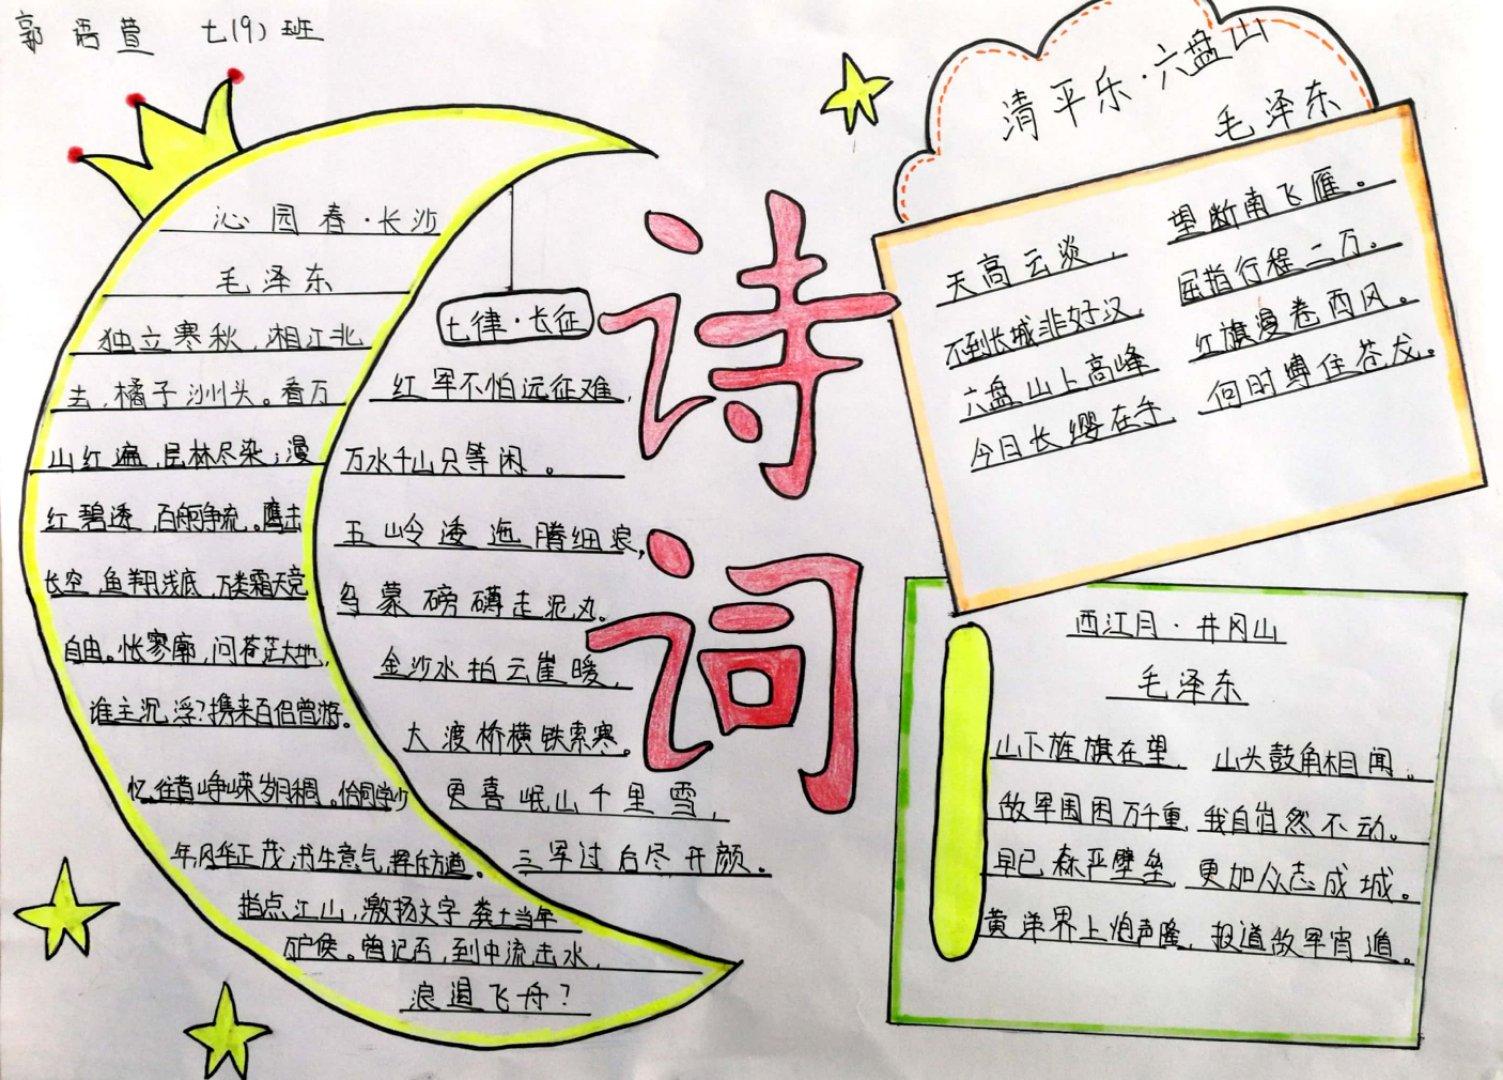 教育时讯 >正文  手抄报 12月26日上午,郑州二中初中部七年级全体师生